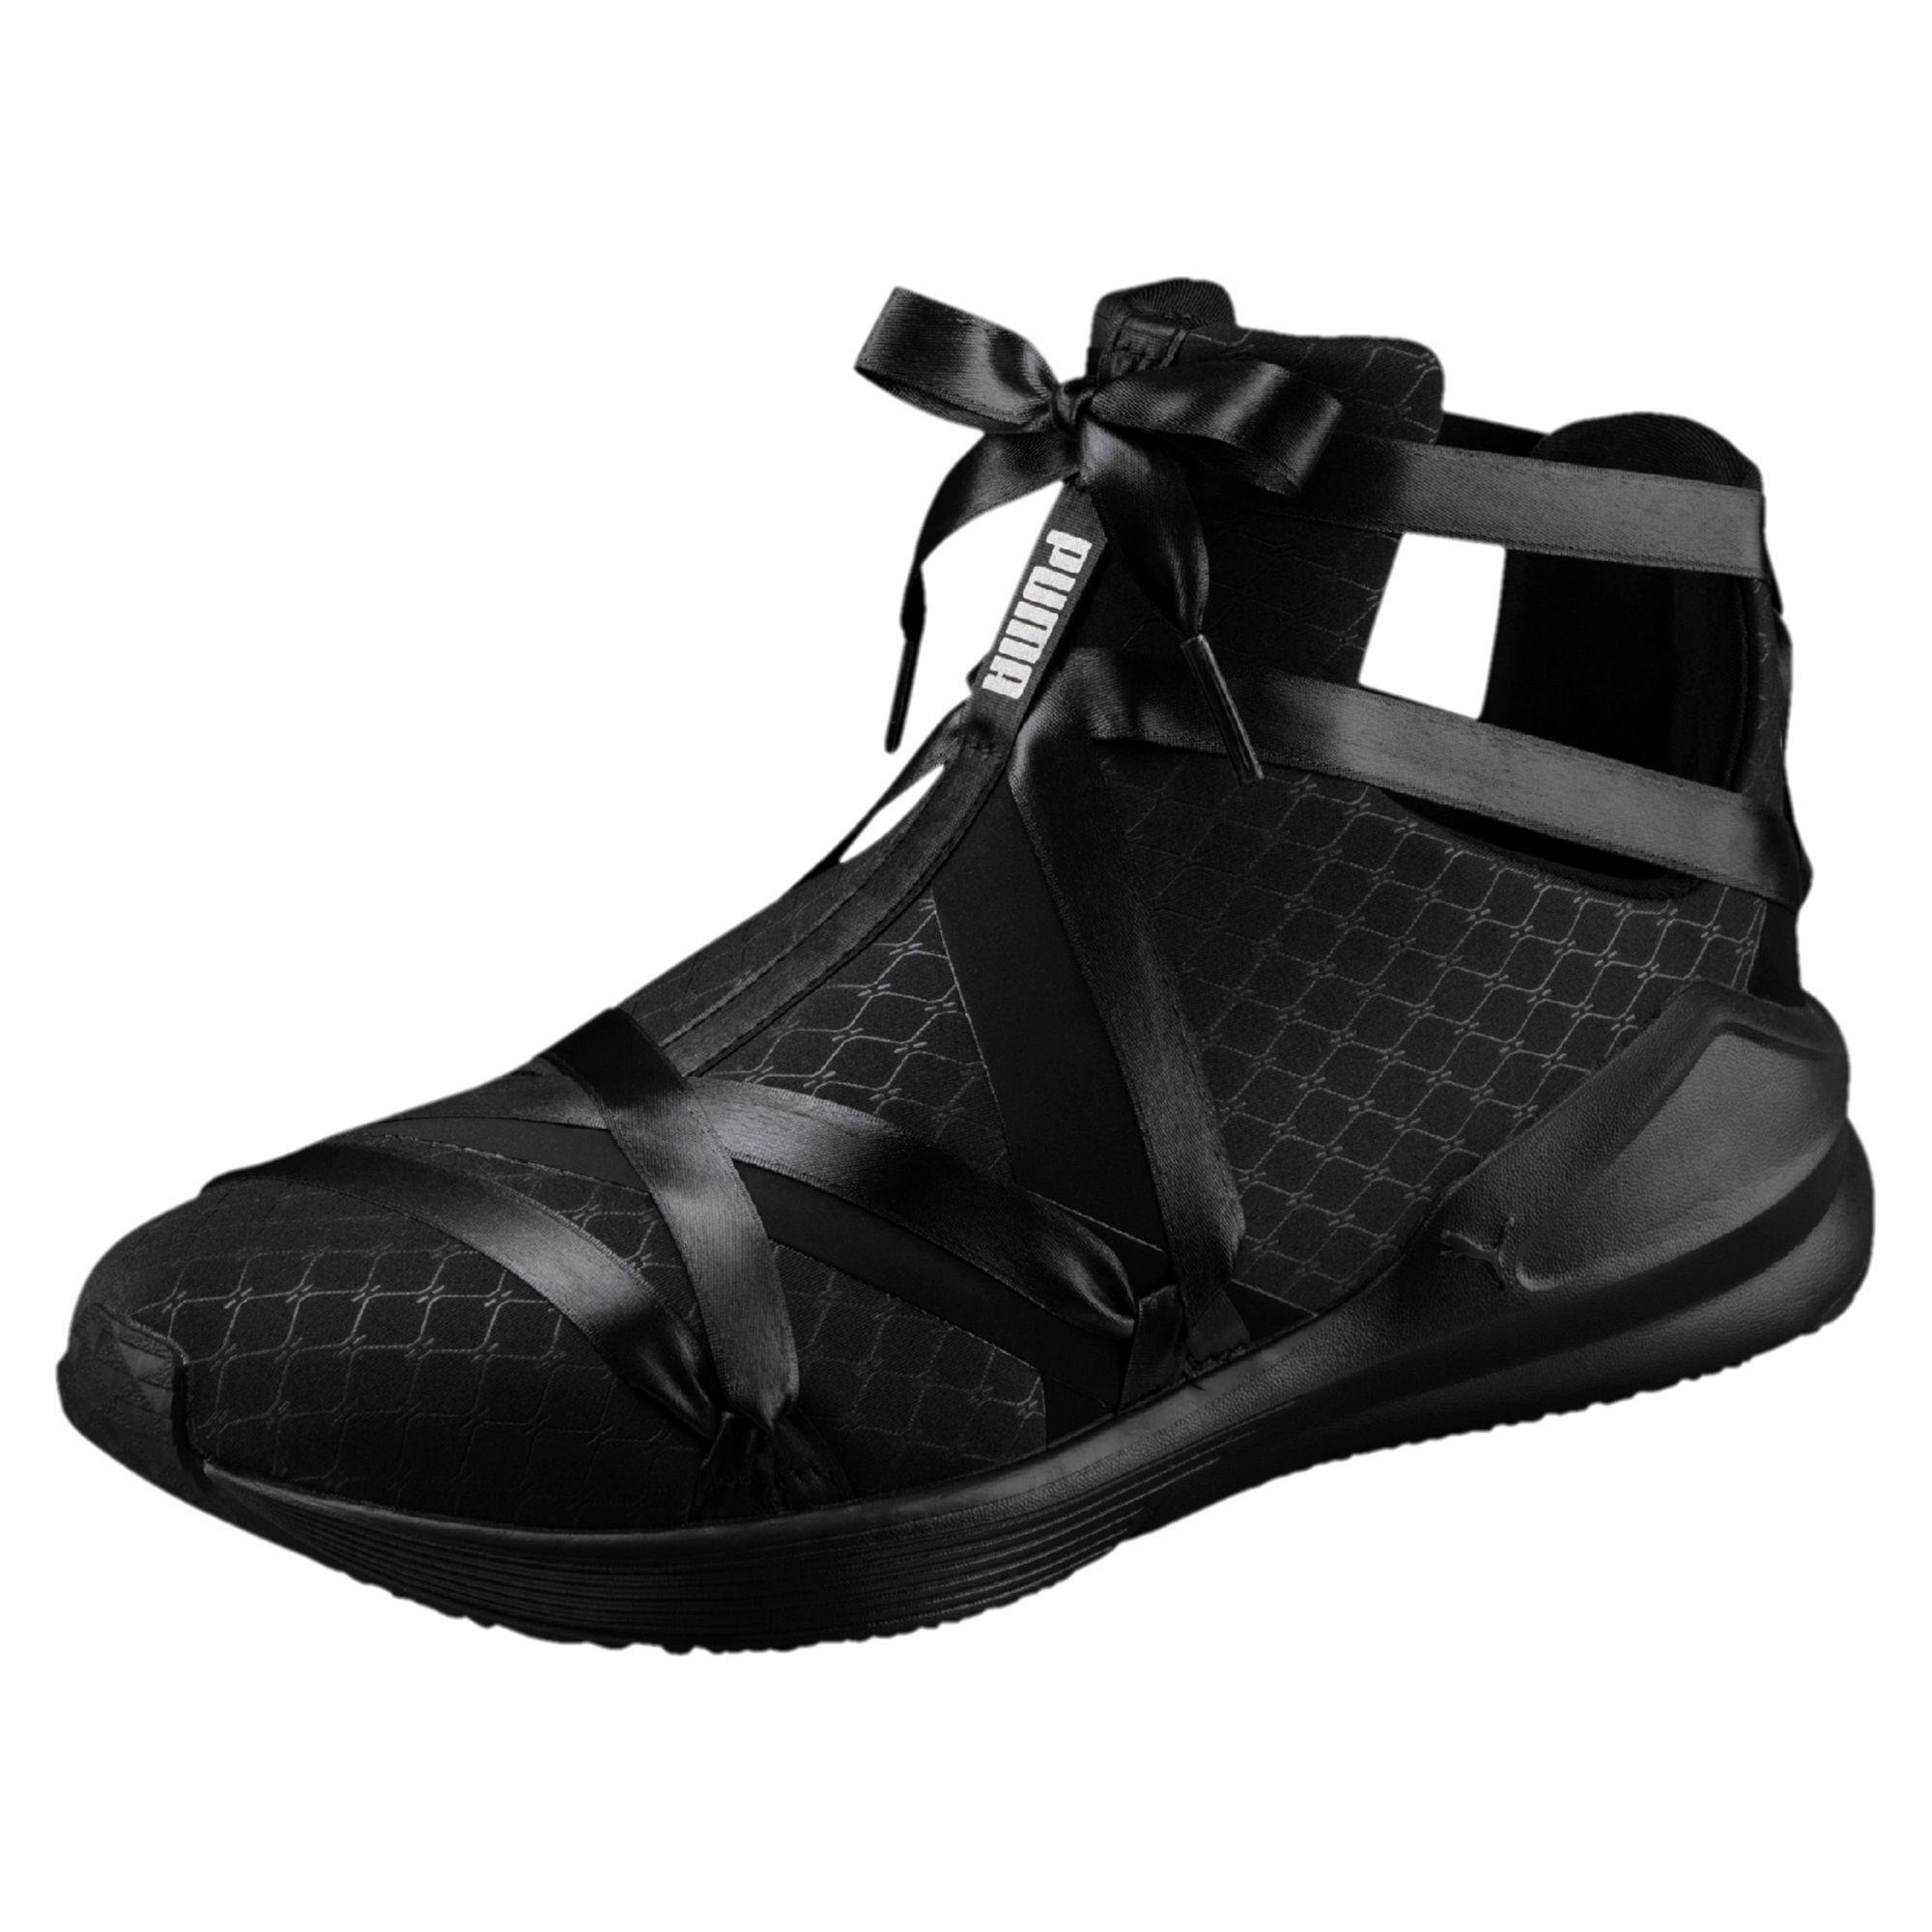 87658bf3d77c53 Lyst - PUMA Fierce Rope Satin En Pointe Women s Sneakers in Black